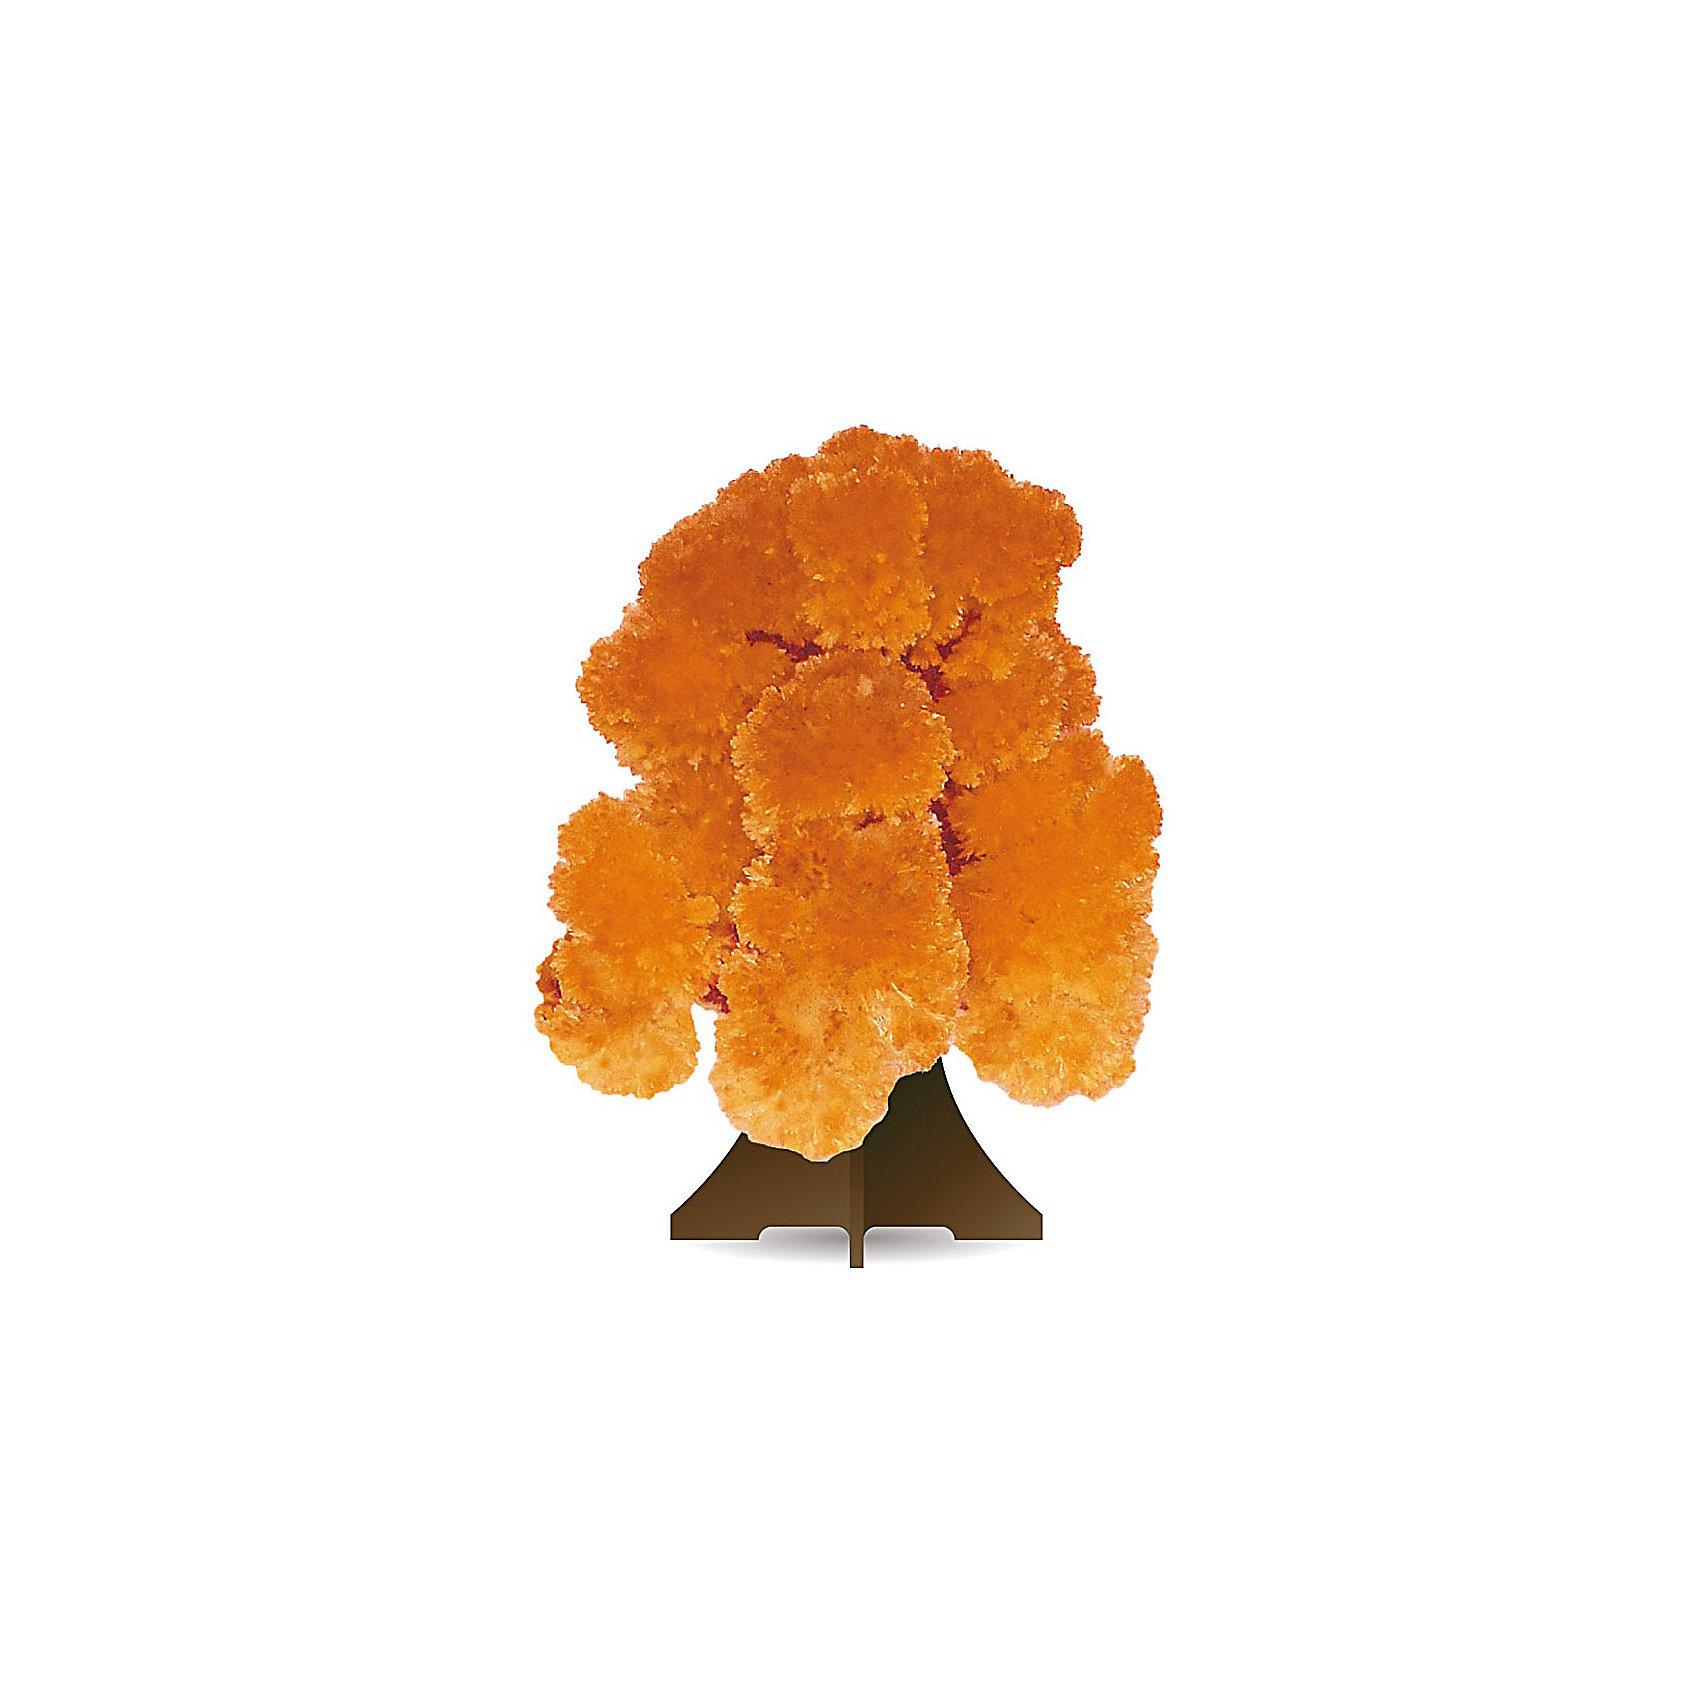 GOOD HAND CD-018 Волшебное деревоКристаллы<br>Данный набор позволит ребенку почувствовать себя настоящим ученым – и получить в результате несложных экспериментов не россыпь невзрачных хрусталиков, а волшебные, притягивающие восхищенные взгляды произведения искусства. В состав набора входят реактивы для выращивания кристаллов и бумажный каркас, который послужит основой будущей драгоценной конструкции. При смачивании раствором бумажной основы на ней буквально на глазах восхищенных детей вырастают пышные друзы кристаллов, которые образуют форму ветвистого дерева оранжевого цвета. С помощью набора дети смогут прикоснуться к тайнам земных недр и собственными руками создать волшебную кристаллическую структуру, которая поразит друзей, станет истинным украшением интерьера или восхитительным подарком на праздник. Стоит лишь попробовать – и магия выращивания кристаллов увлечет не только детей, но и взрослых!<br><br>Основные особенности:<br>- Набор для выращивания на бумажной основе друзы кристаллов в форме дерева оранжевого цвета.<br>- Набор пробуждает у ребенка интерес к естественным наукам, учит терпению, вниманию и аккуратности, закладывает базу для занятий прикладными ремеслами, развивает творческое мышление и художественный вкус.<br>- Выращивание кристаллов позволяет получить первые представления о большинстве естественных наук – физике, химии, геологии, минералогии.<br>- Набор включает иллюстрированную пошаговую инструкцию.<br>- Компоненты набора полностью безопасны для занятий под присмотром взрослых или самостоятельных занятий детей старше 12 лет.<br>- Законченную работу для предохранения от выцветания и предотвращения нежелательных последствий при контакте с кожей рекомендуется покрыть лаком.<br><br>Ширина мм: 212<br>Глубина мм: 100<br>Высота мм: 10<br>Вес г: 45<br>Возраст от месяцев: 96<br>Возраст до месяцев: 168<br>Пол: Унисекс<br>Возраст: Детский<br>SKU: 2609890